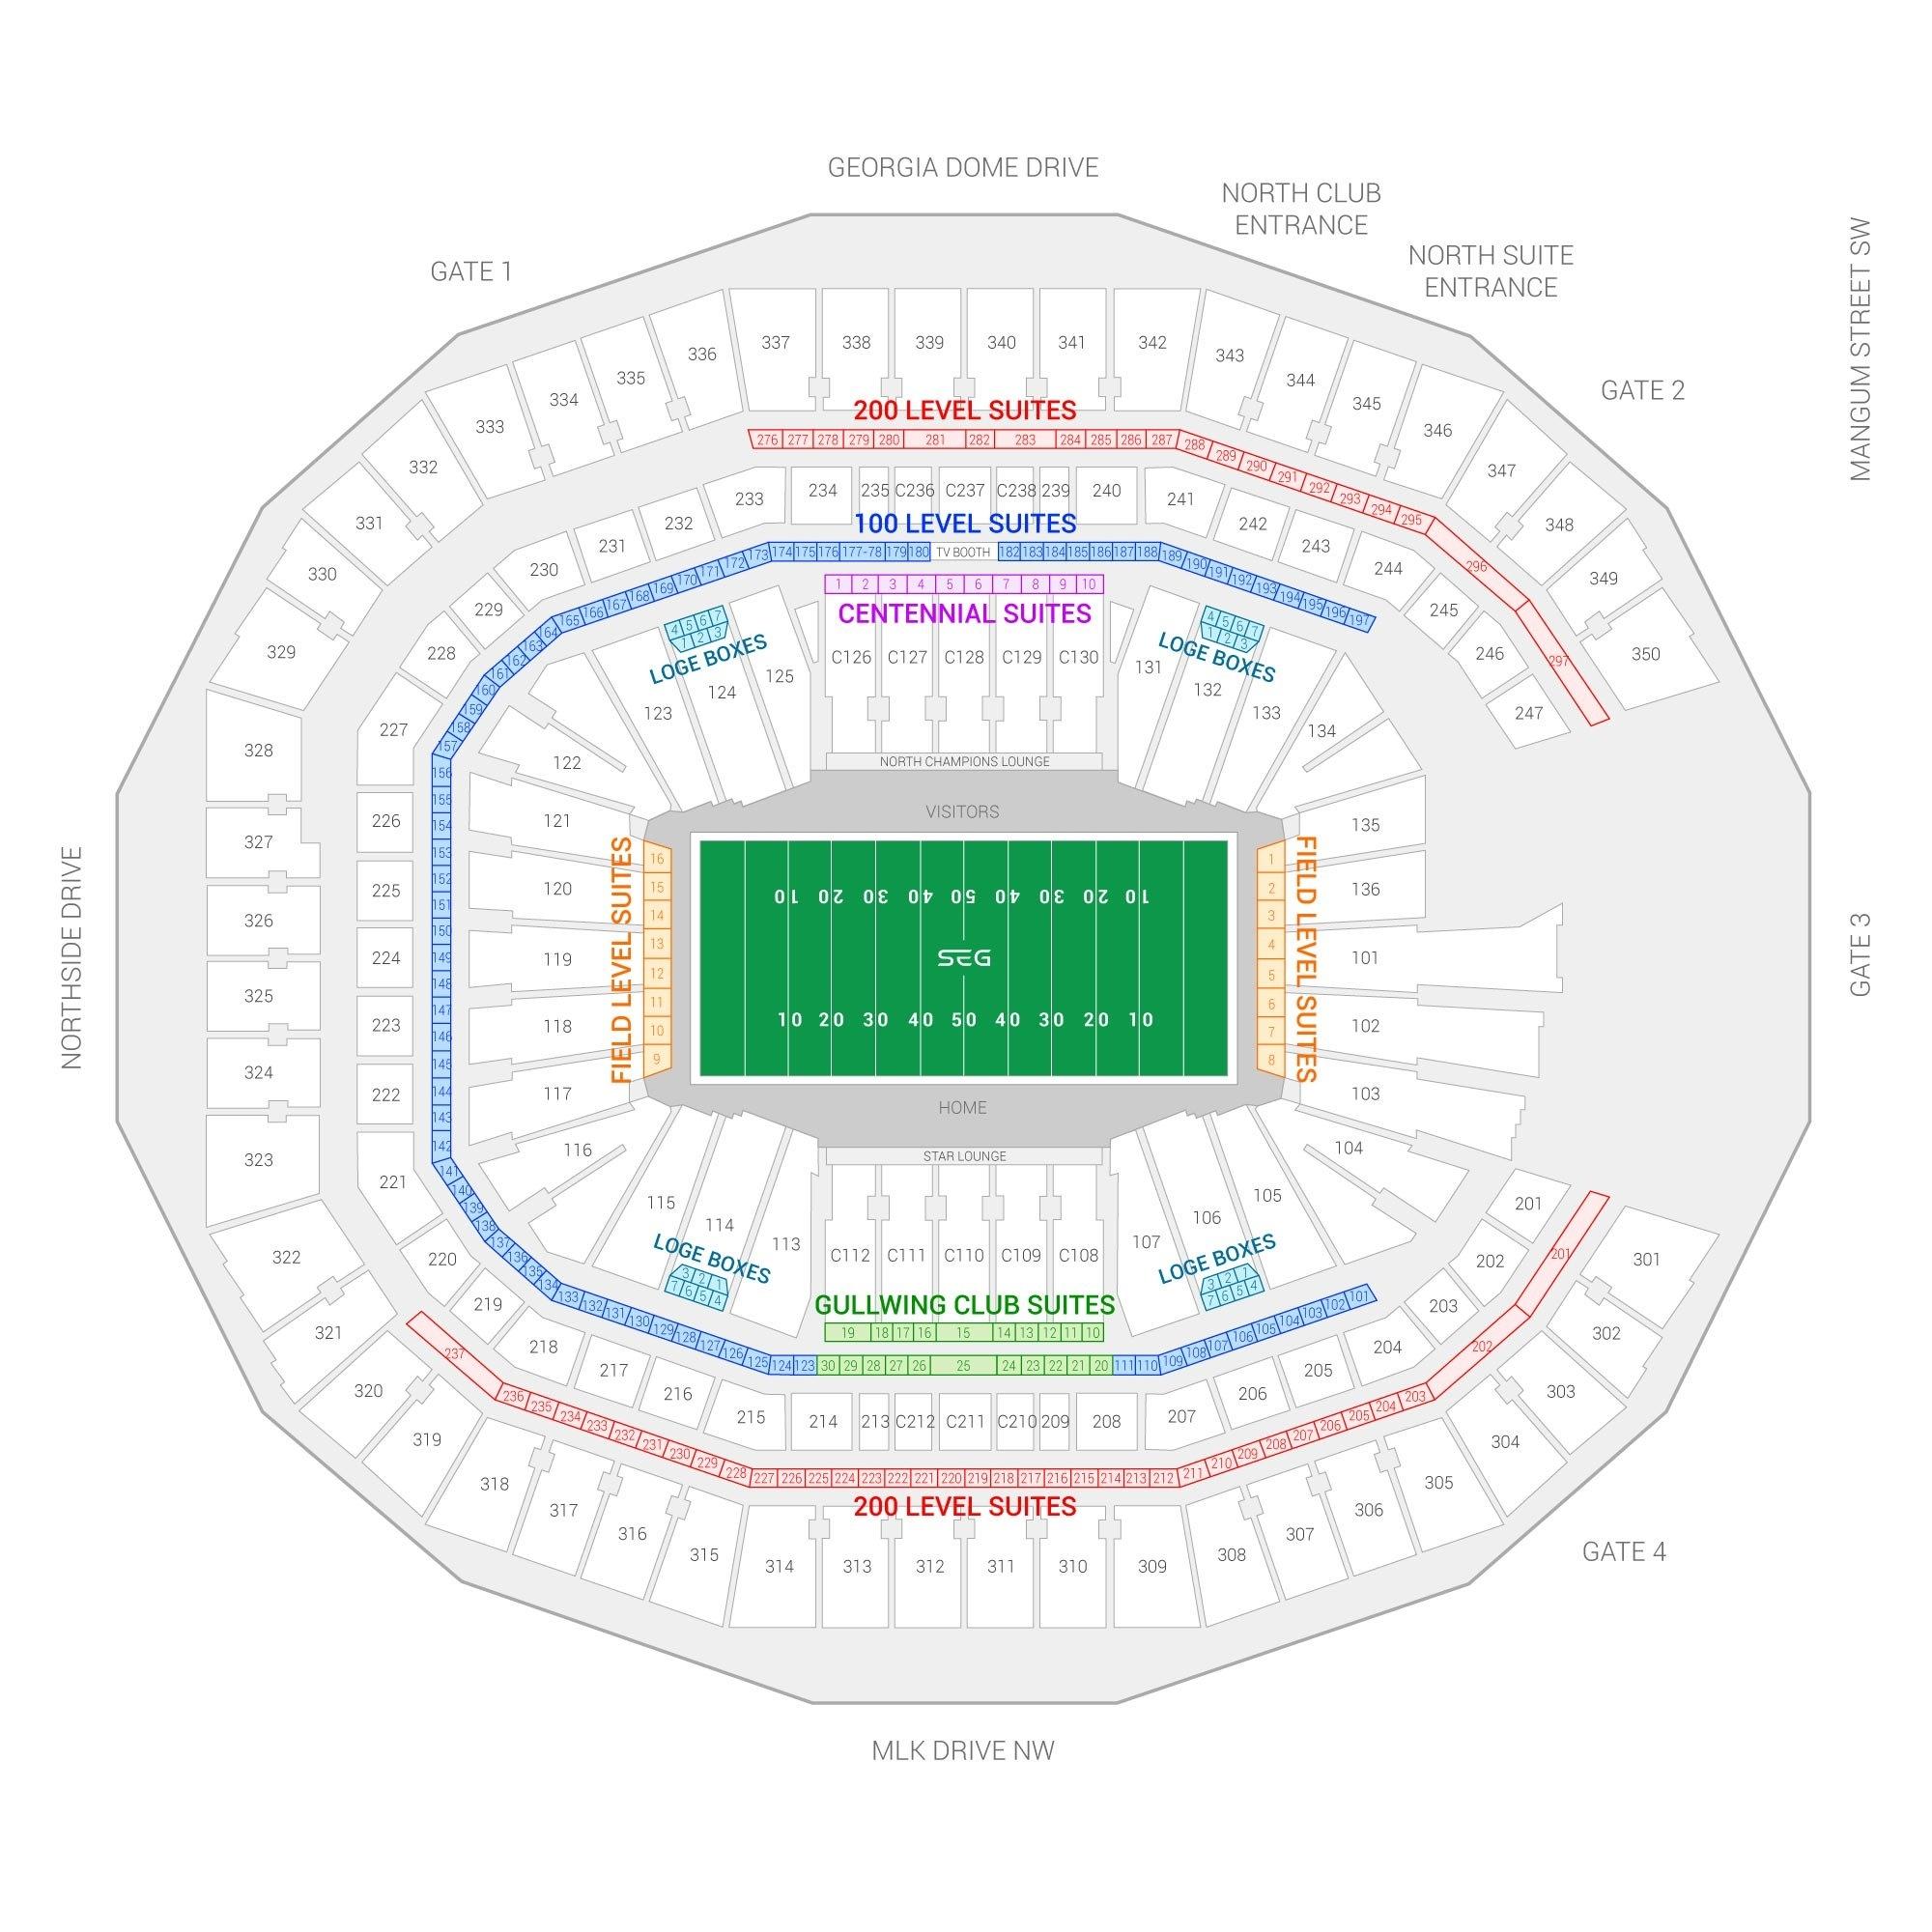 Super Bowl Liii Suite Rentals | Mercedes-Benz Stadium regarding Seating Capacity For The Super Bowl